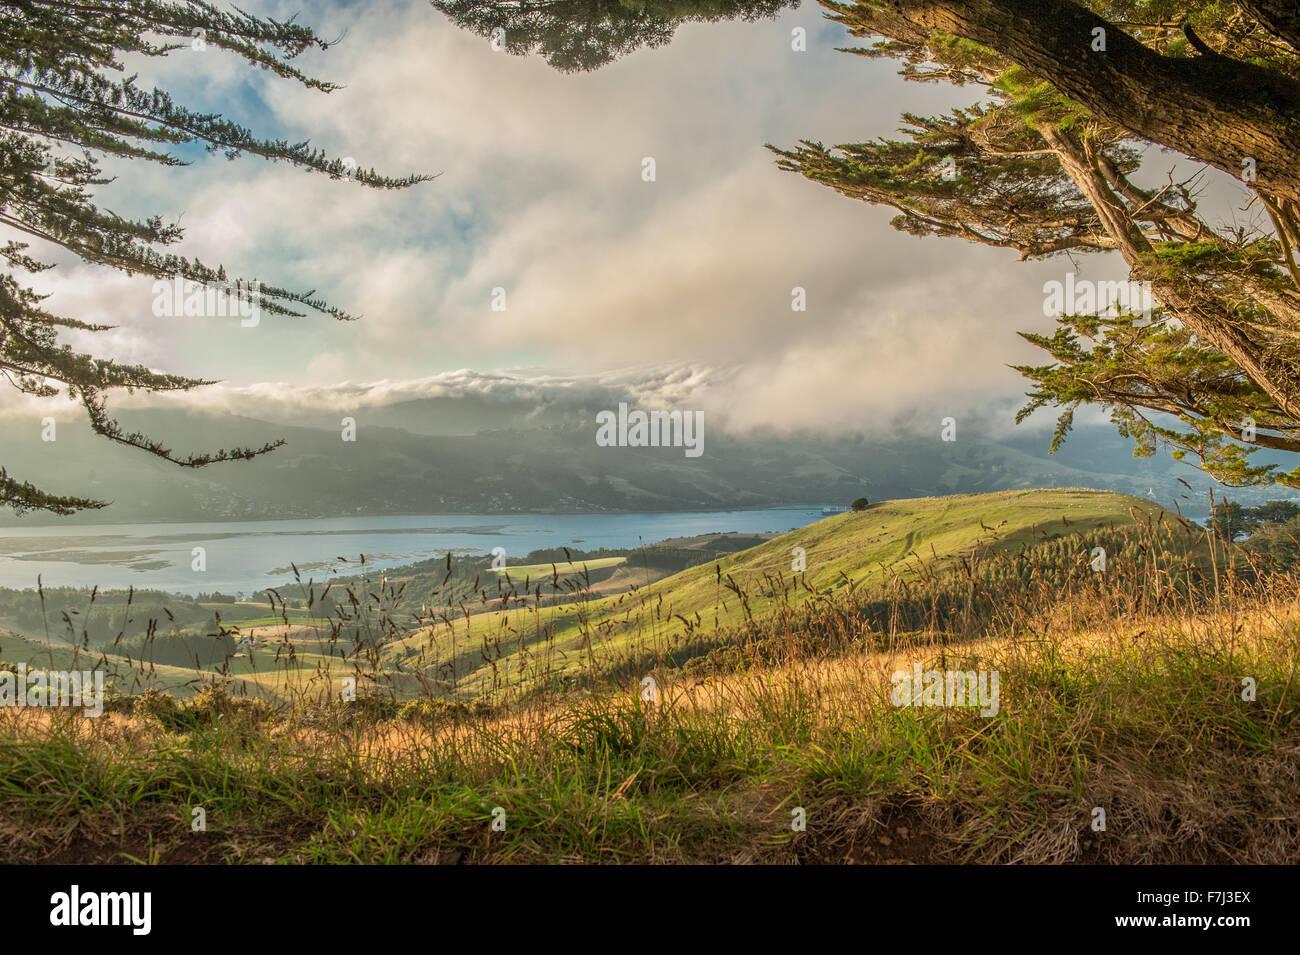 Pastures of Otago Peninsula, South Island, New Zealand - Stock Image